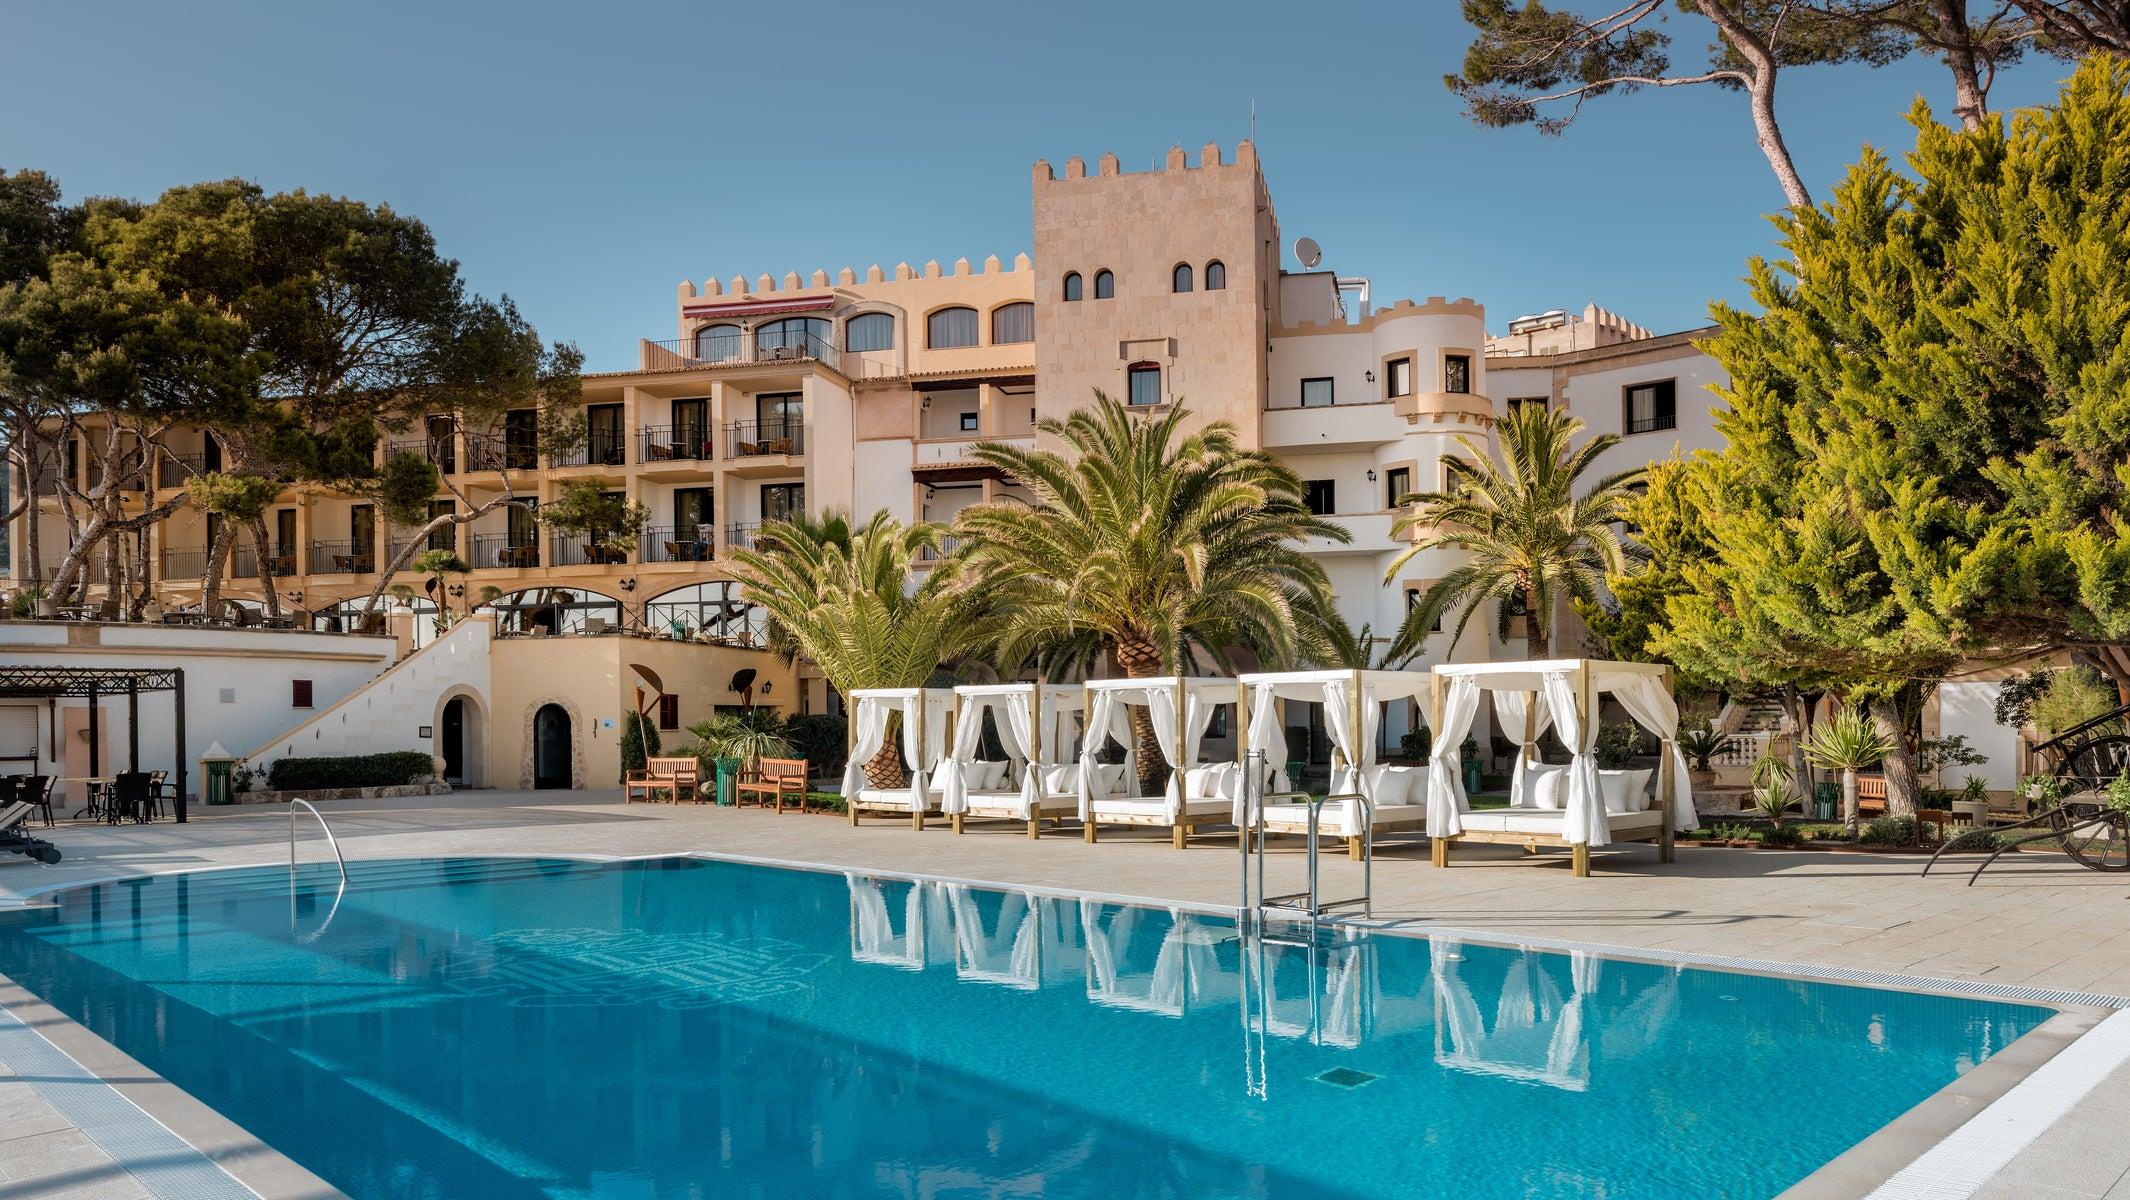 Secrets Mallorca Villamil Resort & Spa (ex Hesperia Villamil)